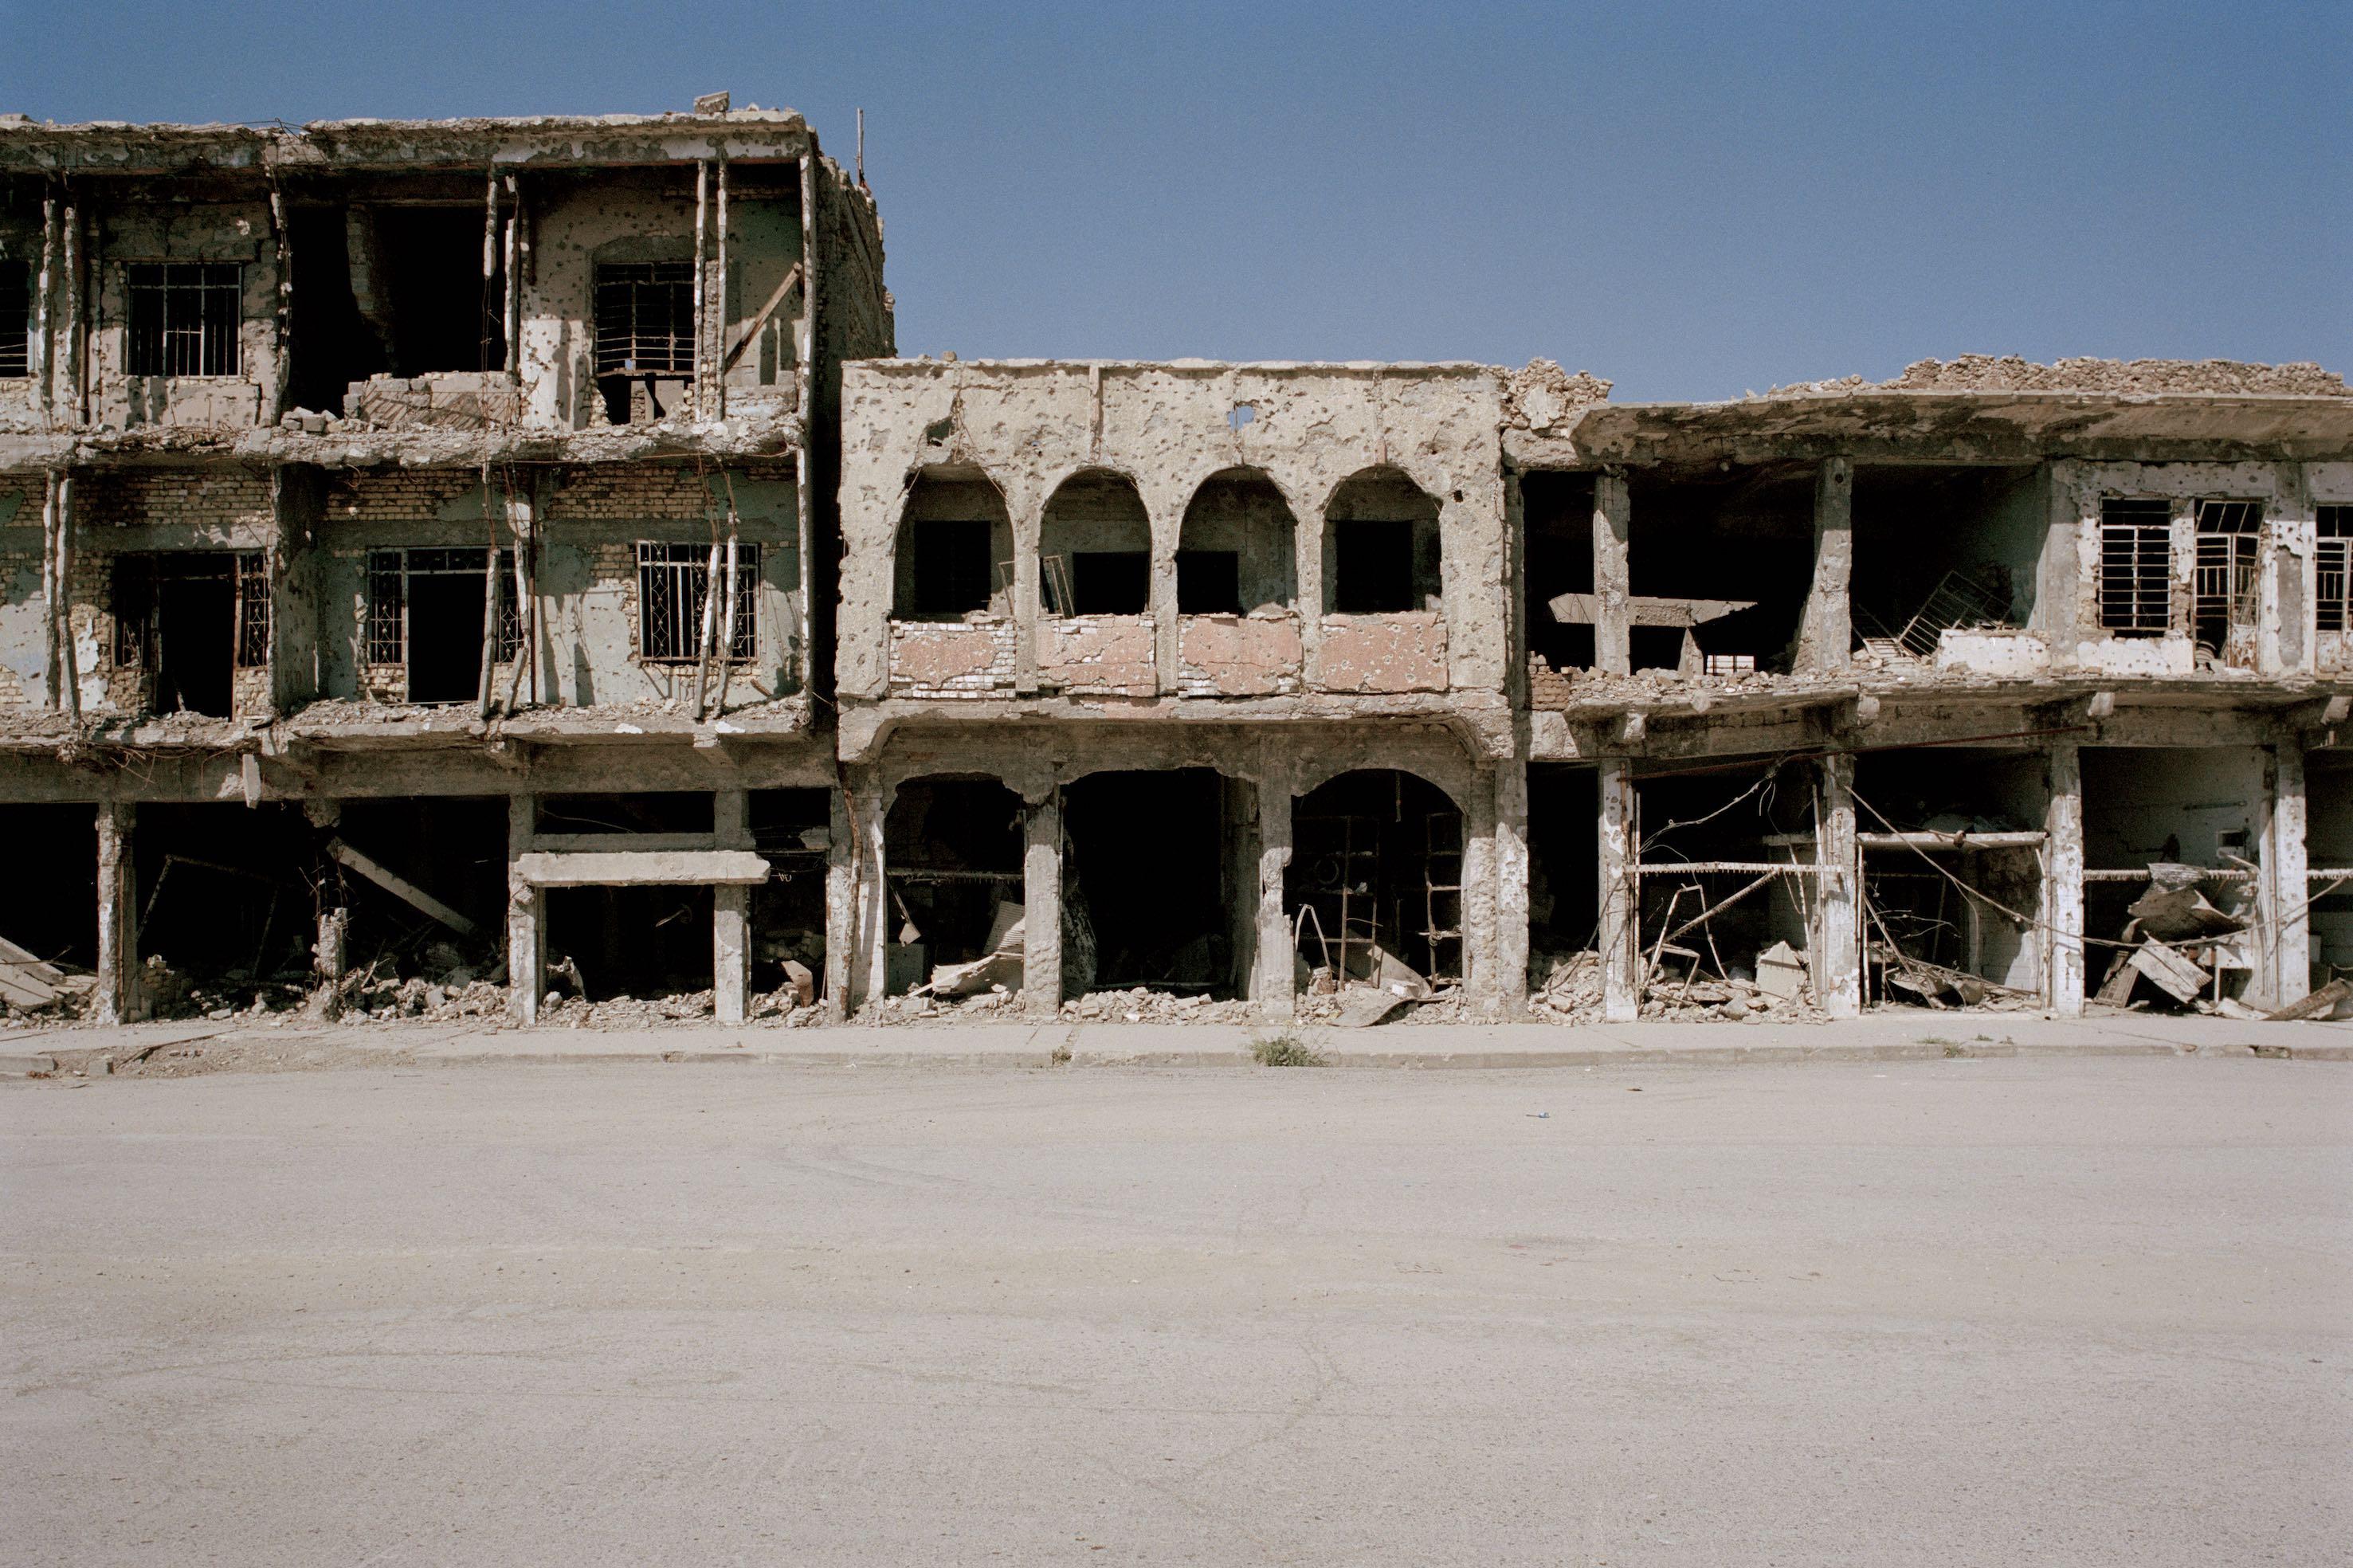 Mosul City Duley 19